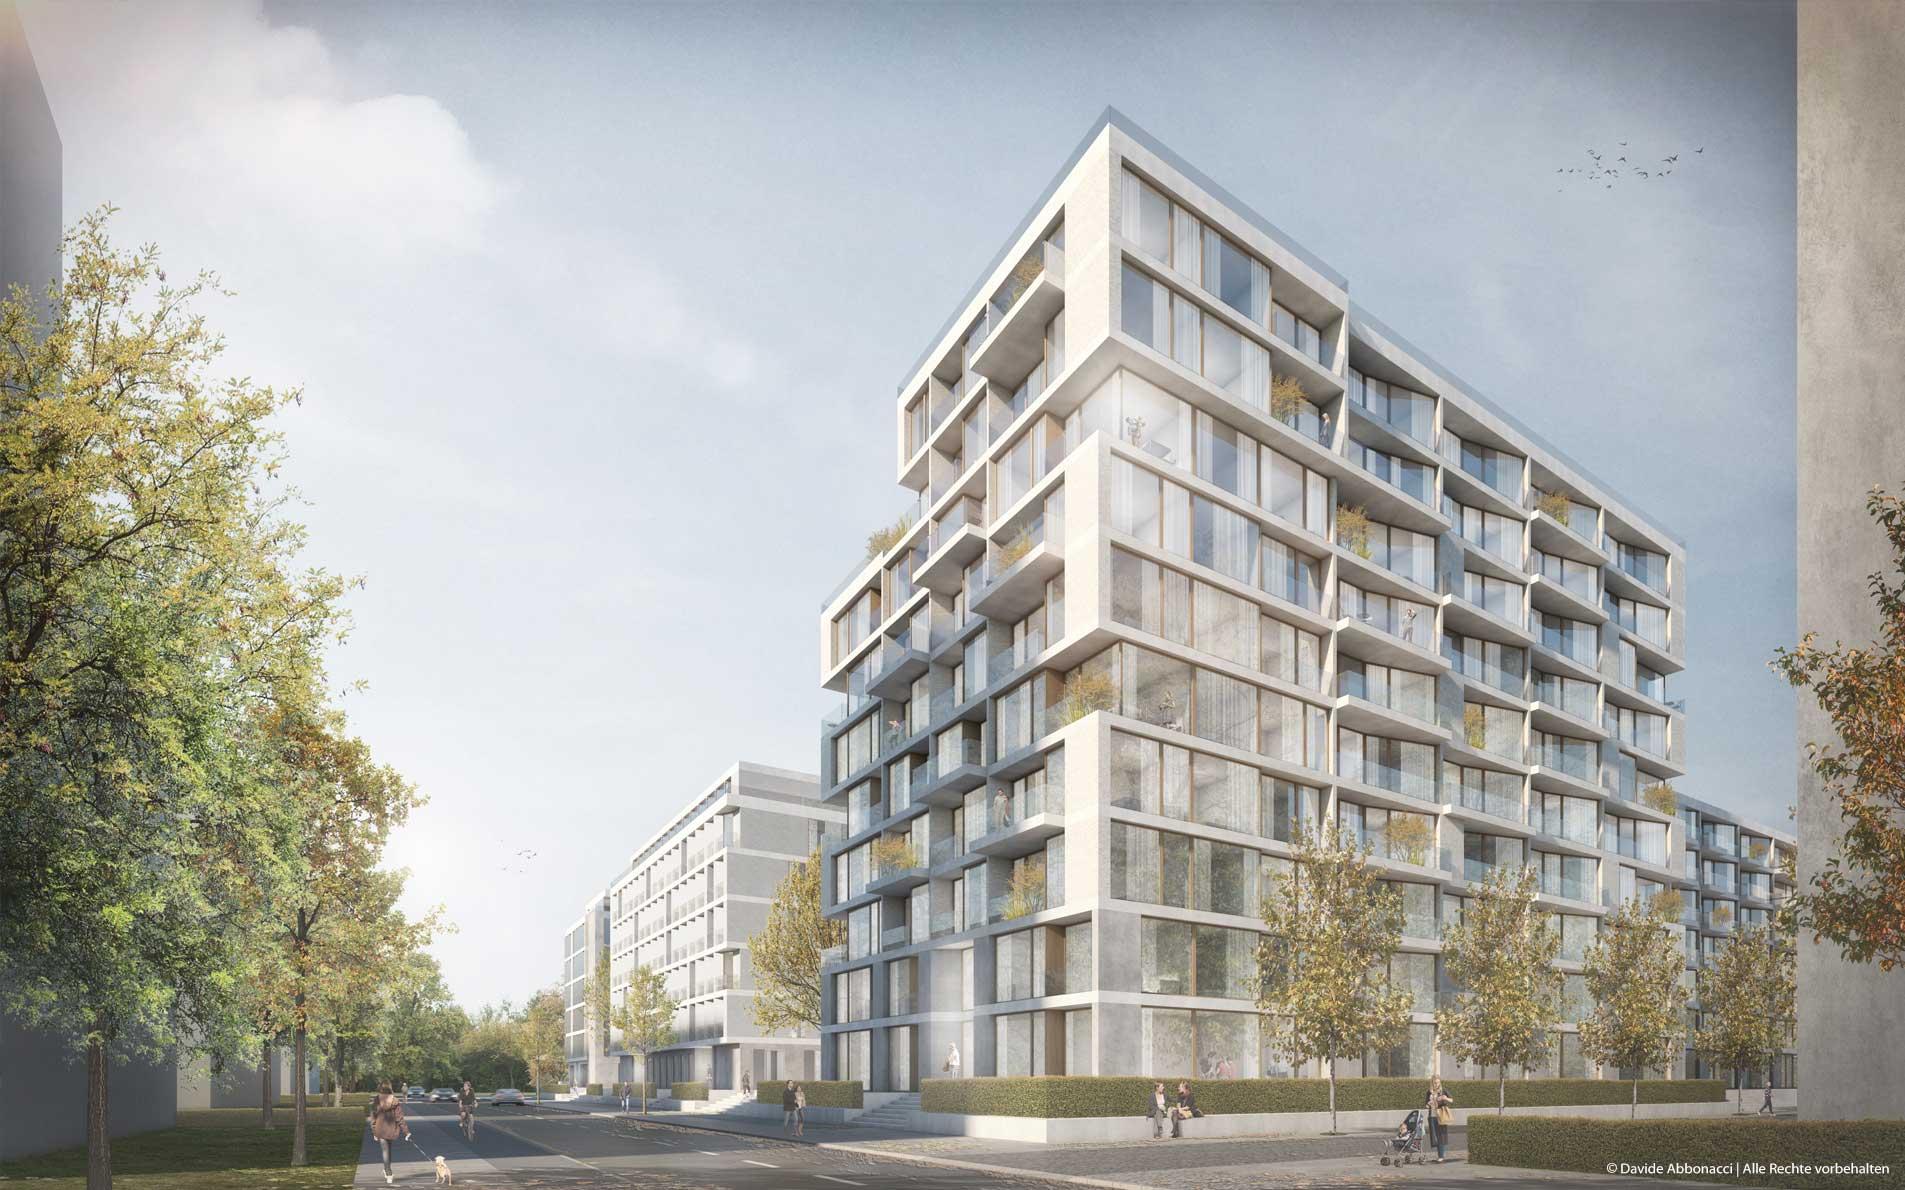 Collective Diversity, Carossa Areal, Spandau | Dierks & Cramer Architekten | 2019 Wettbewerbsvisualisierung | 1. Preis